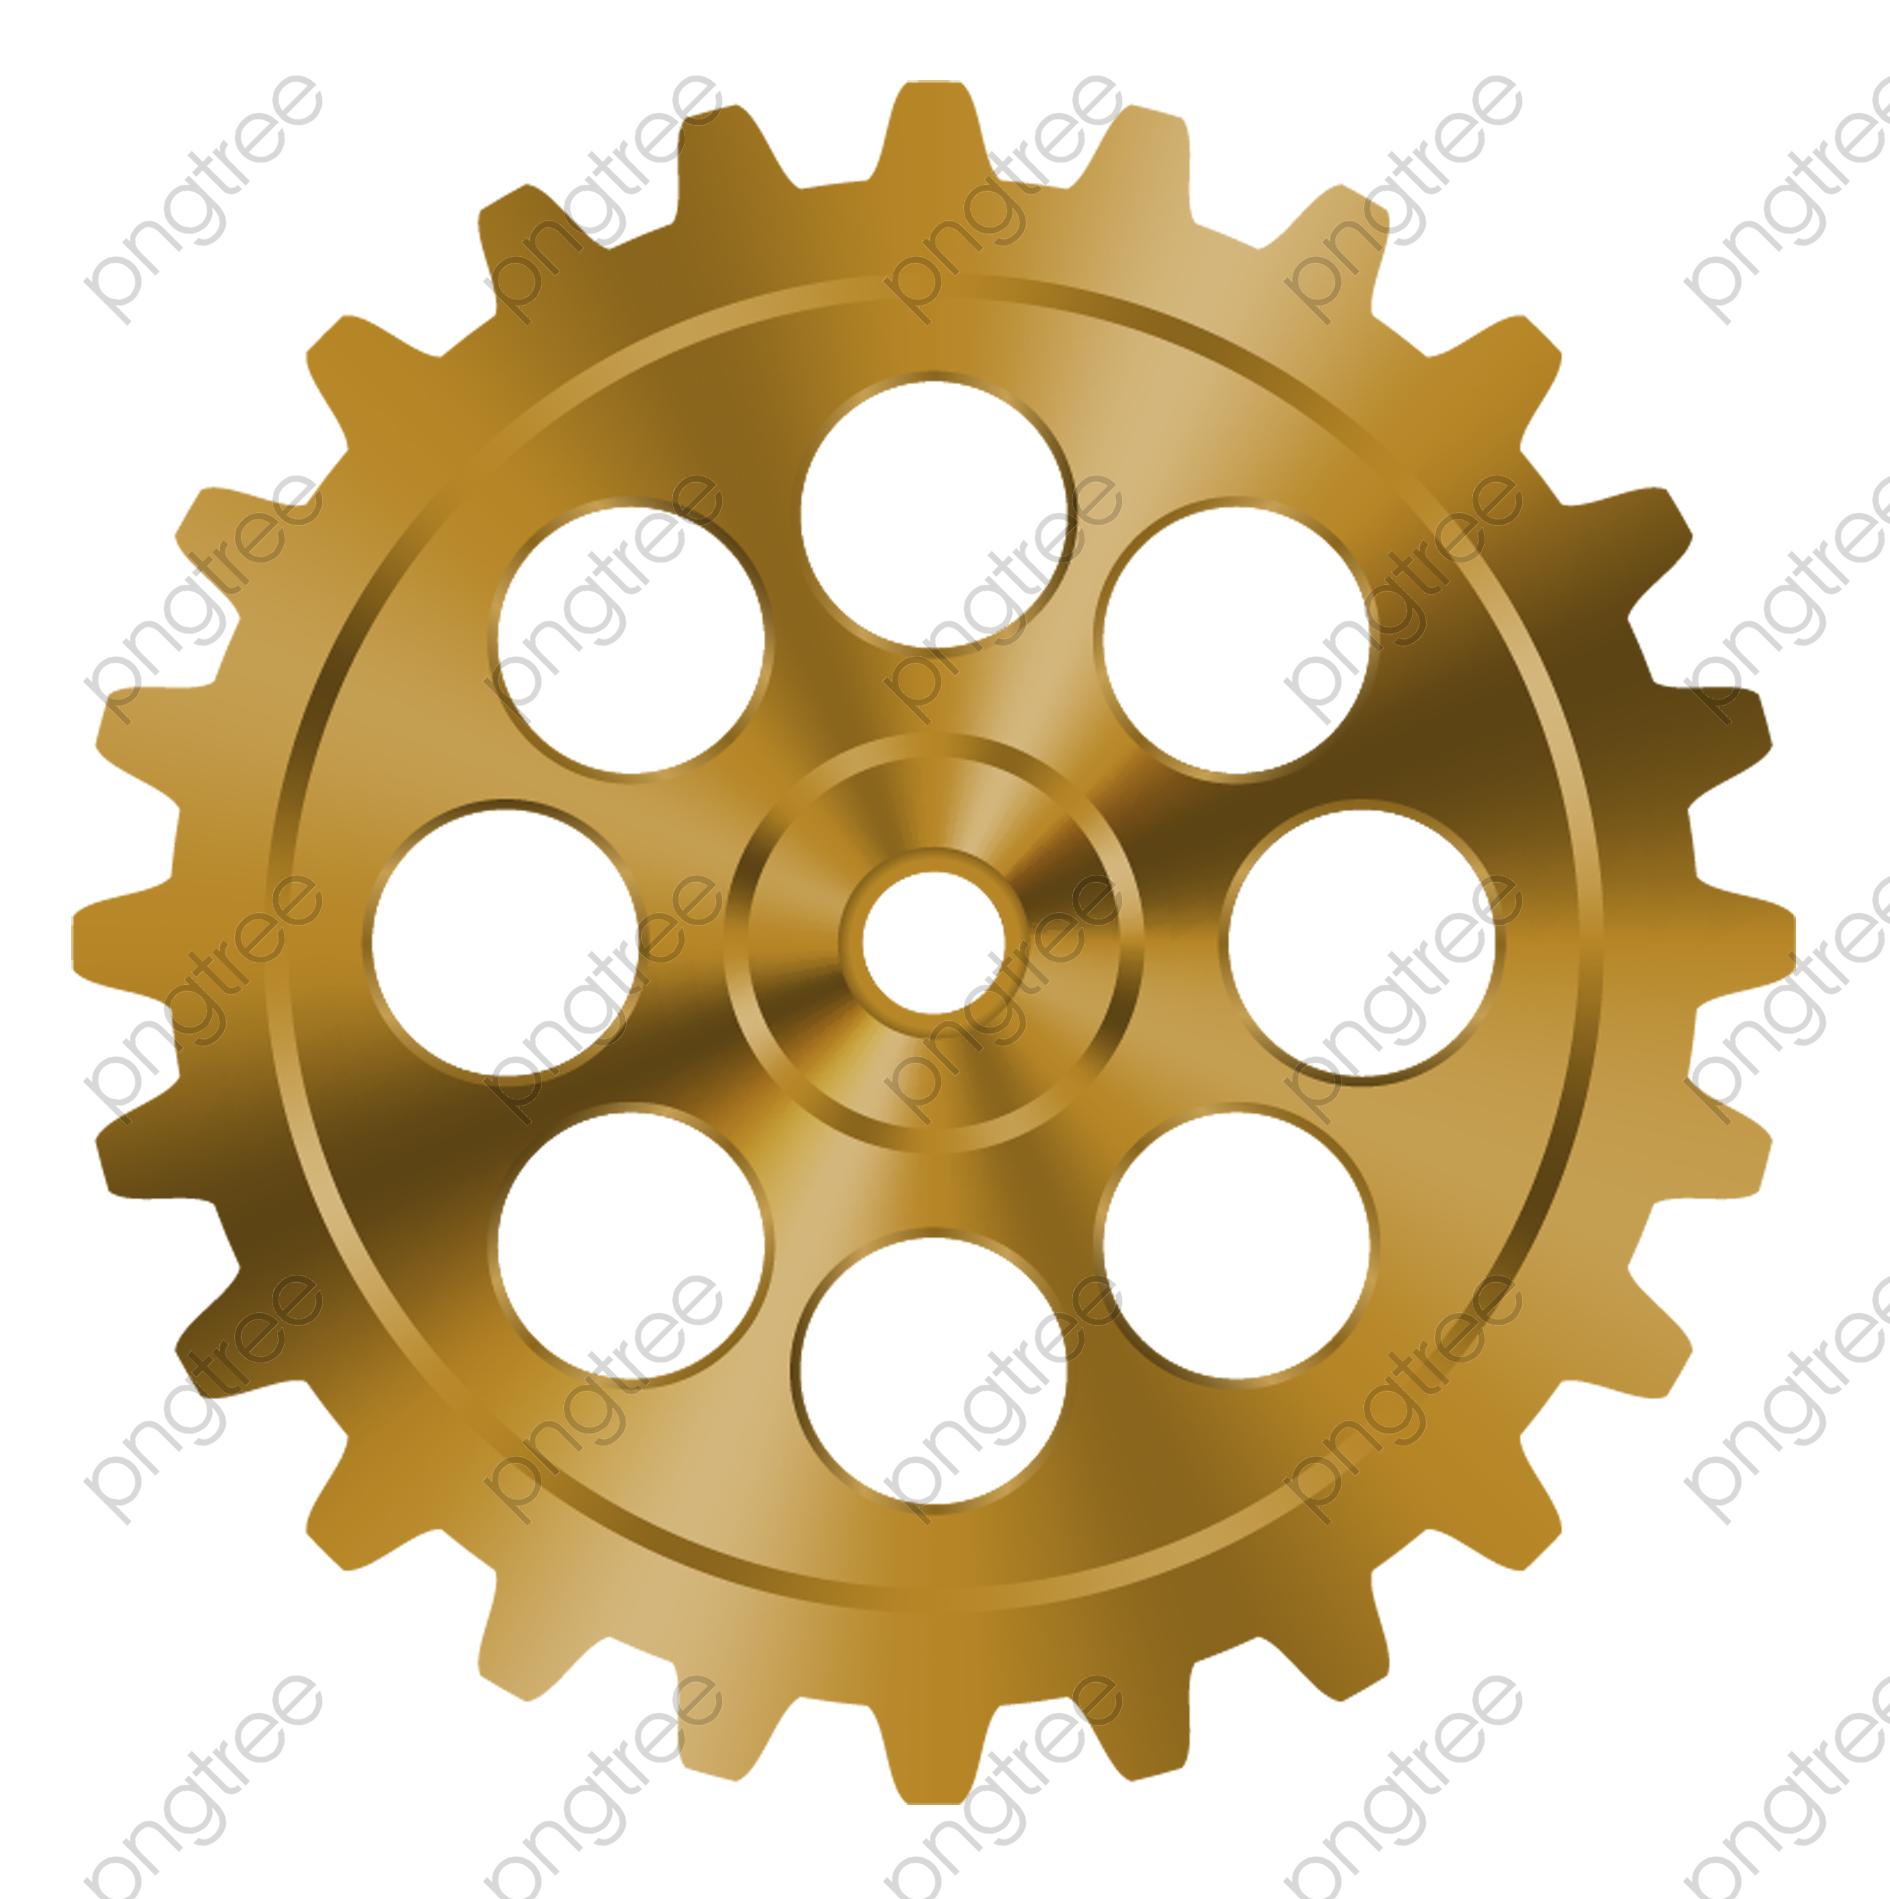 Transparent golden internal round hole gear mechanical parts.